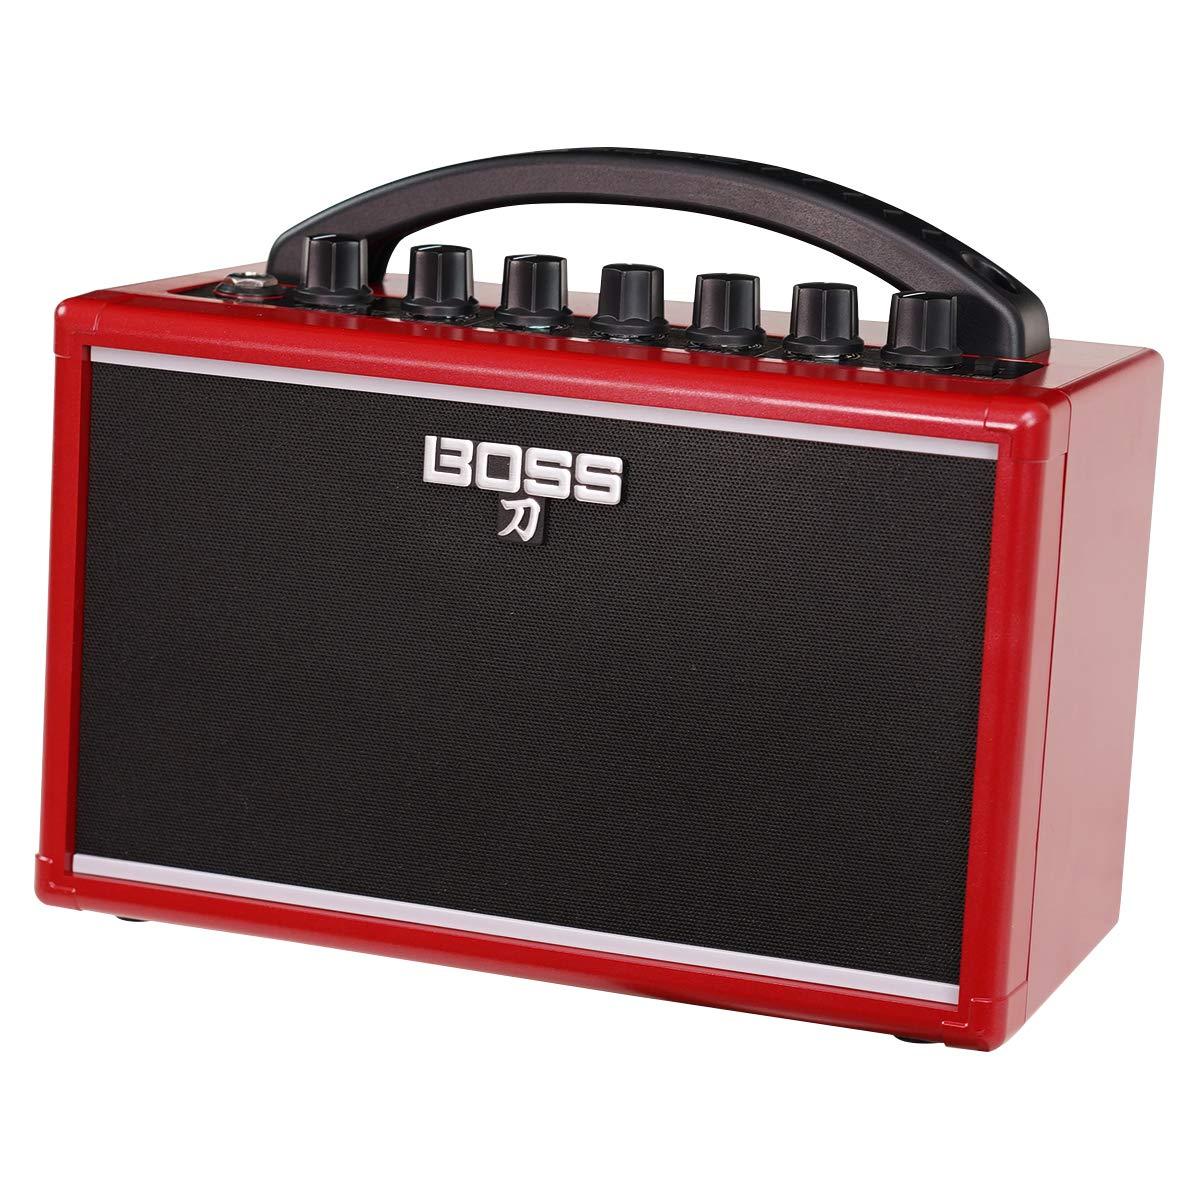 BOSS ボス ポータブルギターアンプ IKEBE ORIGINAL KATANA-MINI  RED  [KTN-MINI-R]   B07L3L37JG